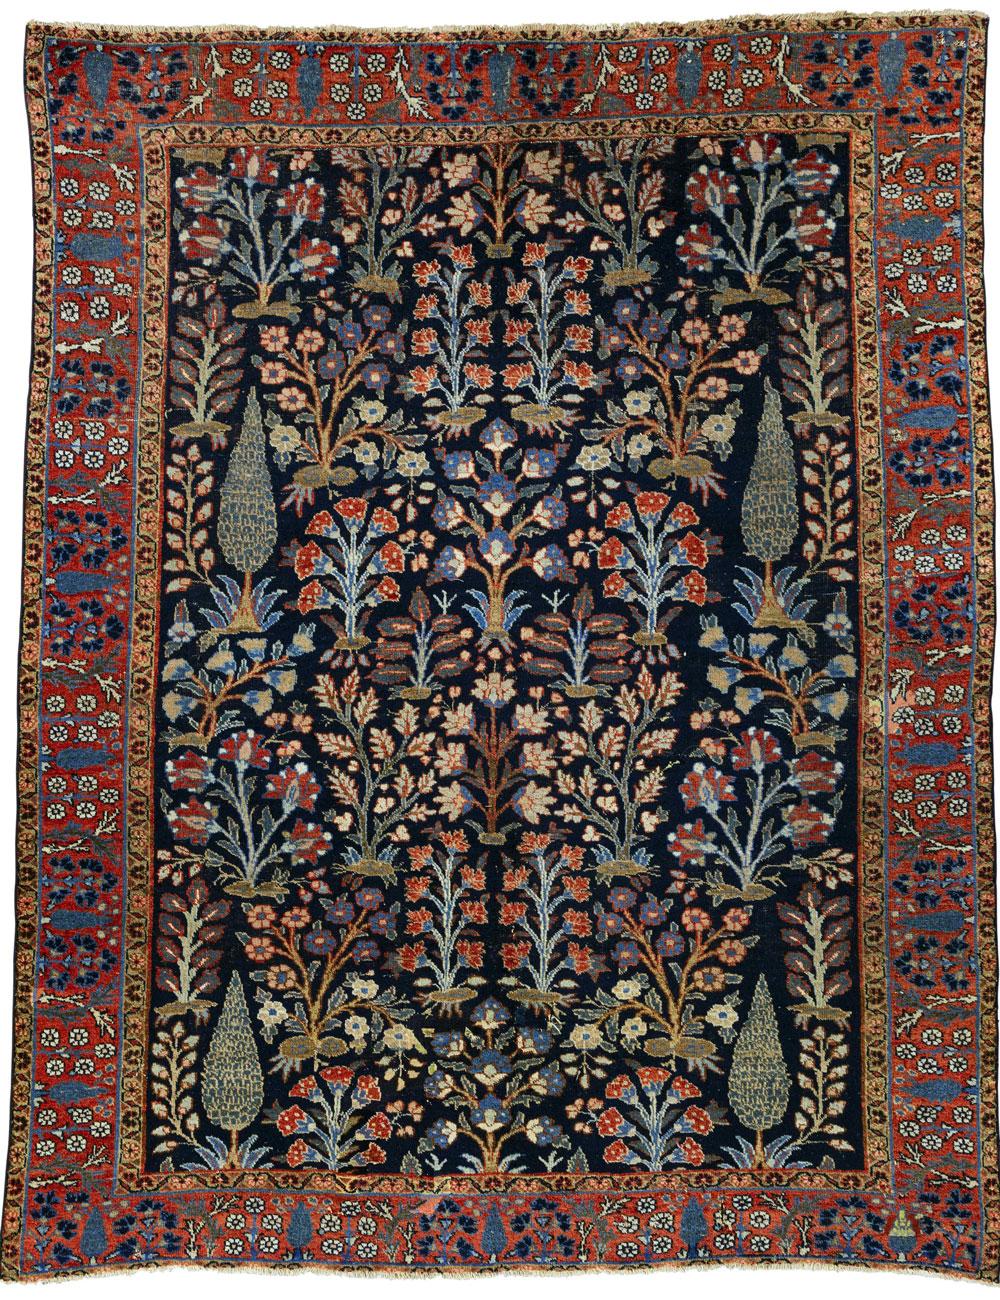 A shrub carpet